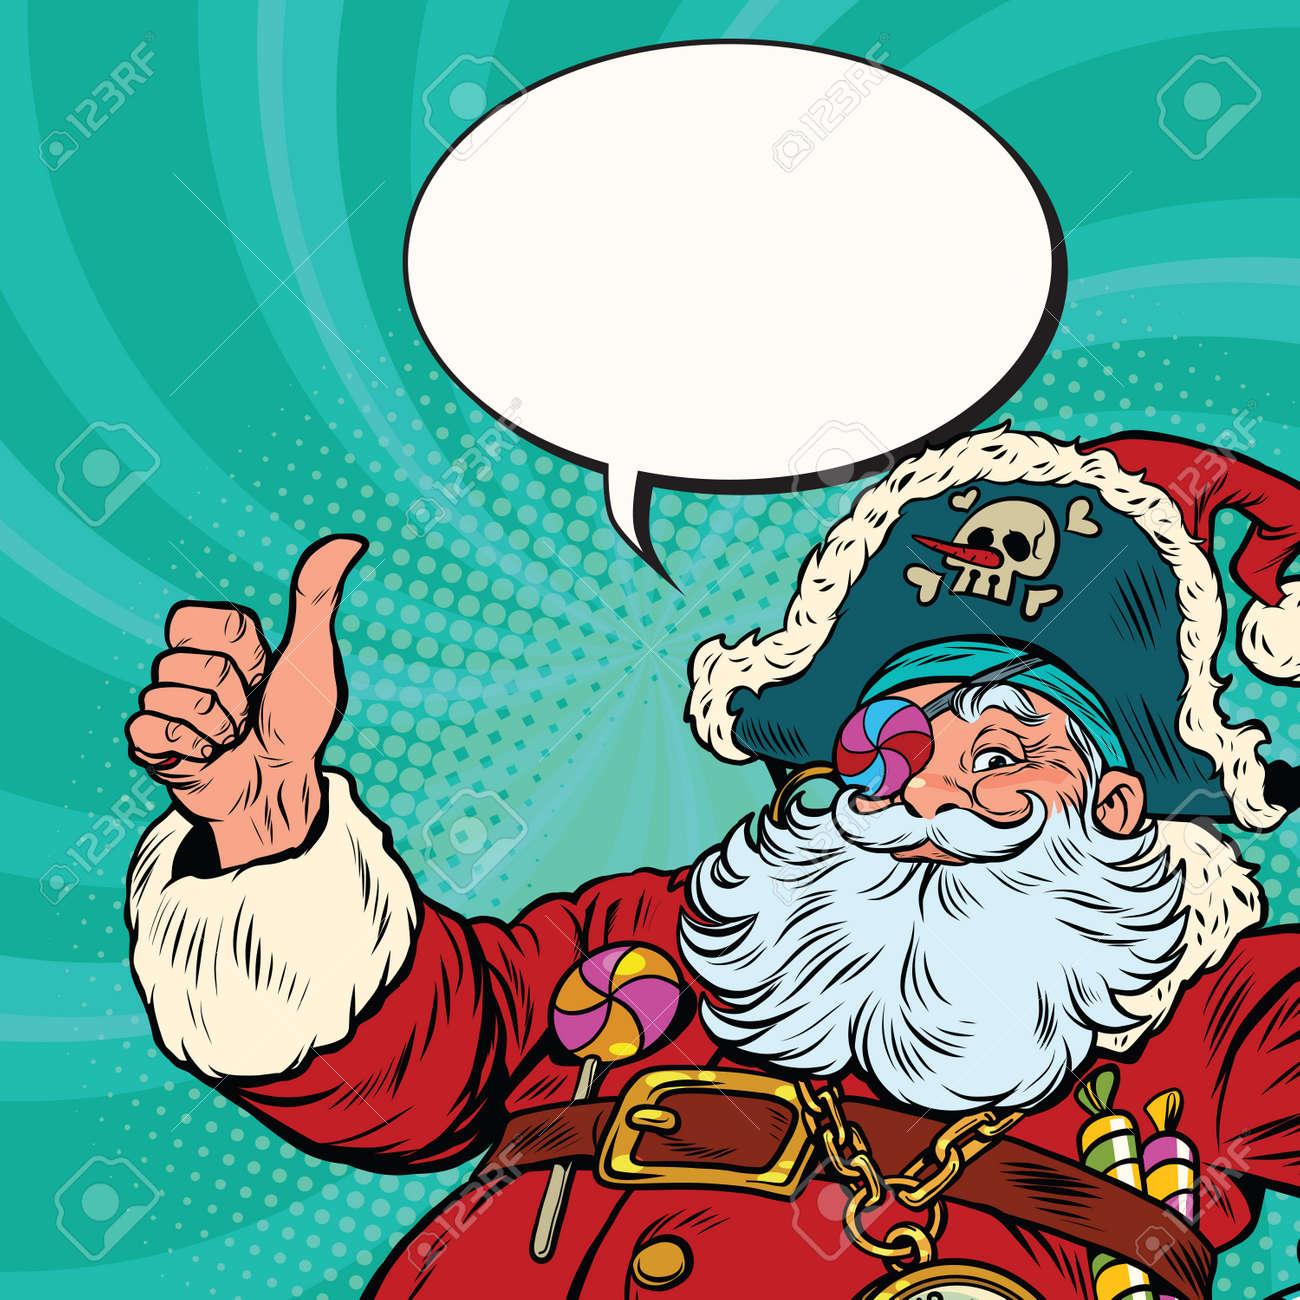 Joyeux Noel Souhaite.Le Pirate Du Pere Noel Souhaite Un Joyeux Noel Illustration Vectorielle Retro Pop Art